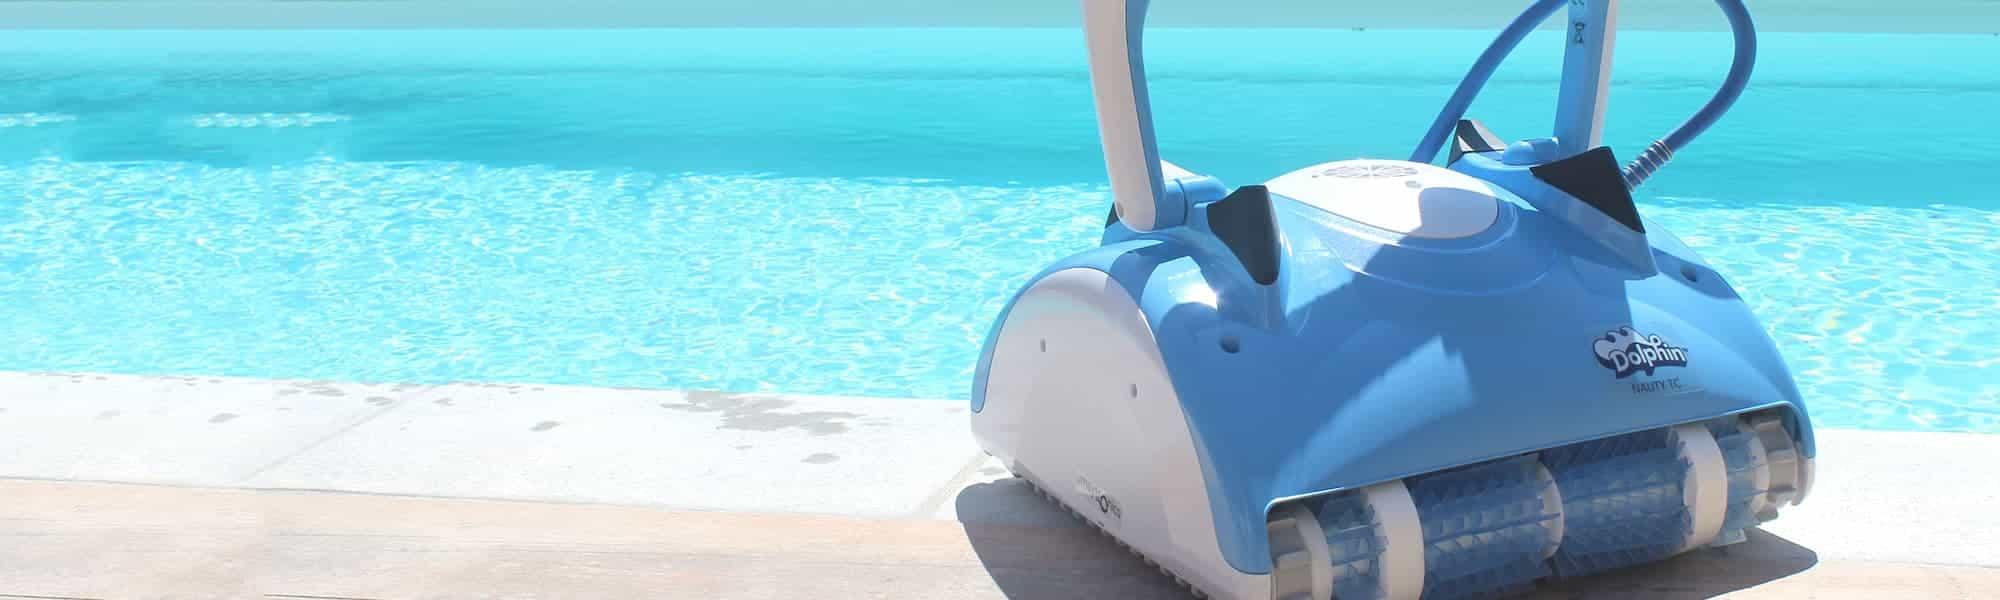 robot de piscine lectrique nauty tc dolphin. Black Bedroom Furniture Sets. Home Design Ideas